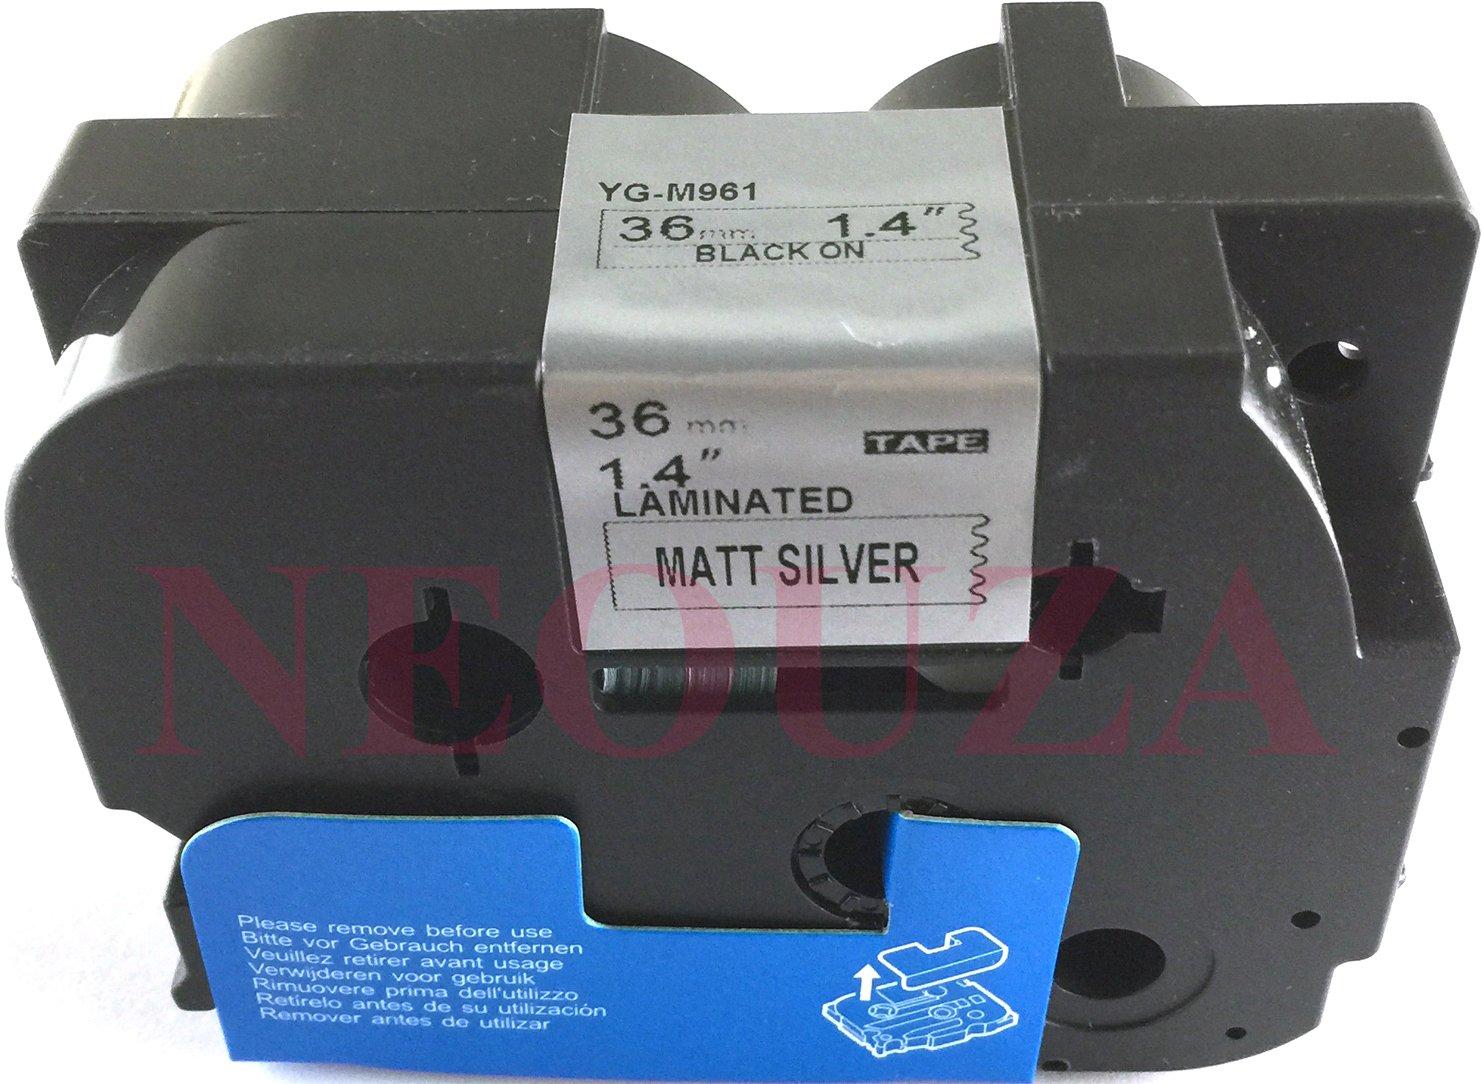 nero//argento opaco laminato Label-Brother-Nastro etichettatrice compatibile per Brother P-Touch Tz M961 Tze M961 36 x 8 m Colore